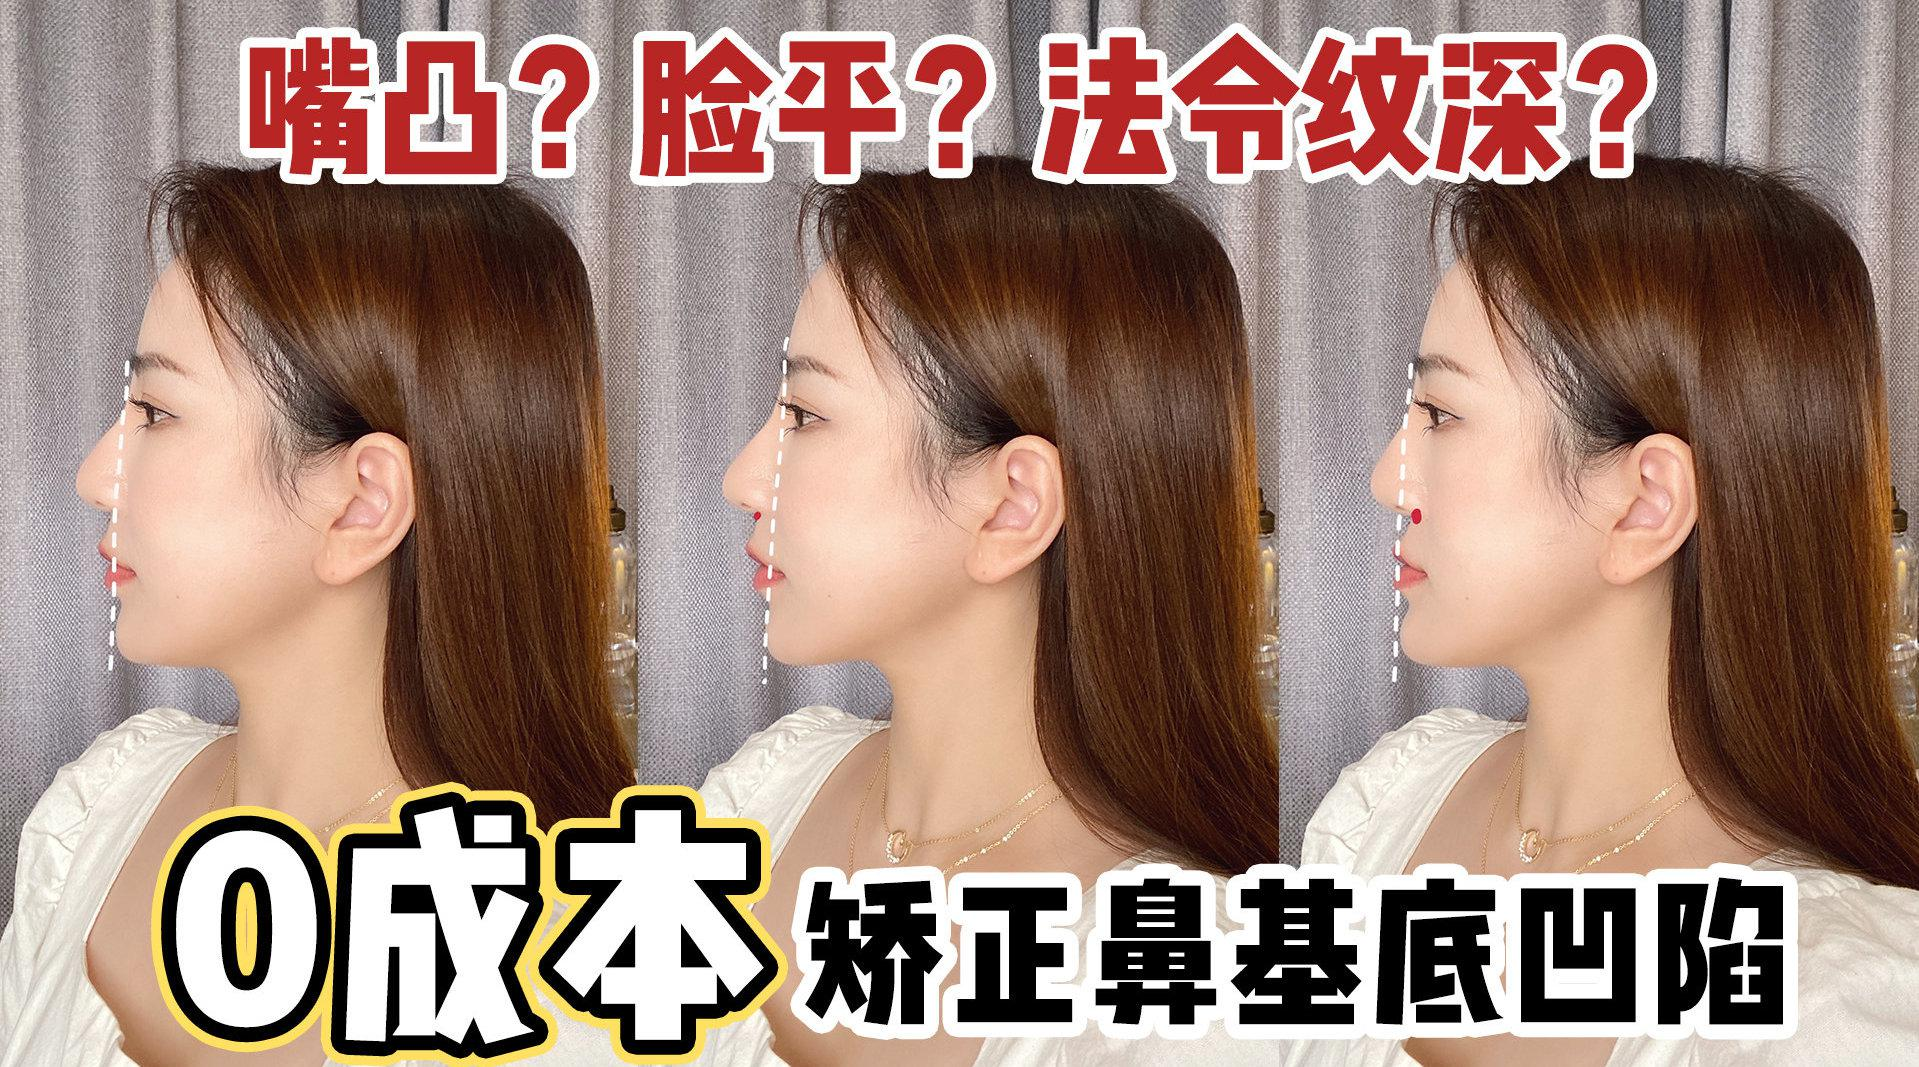 0成本矫正鼻基底凹陷 什么是鼻基底凹陷呢?